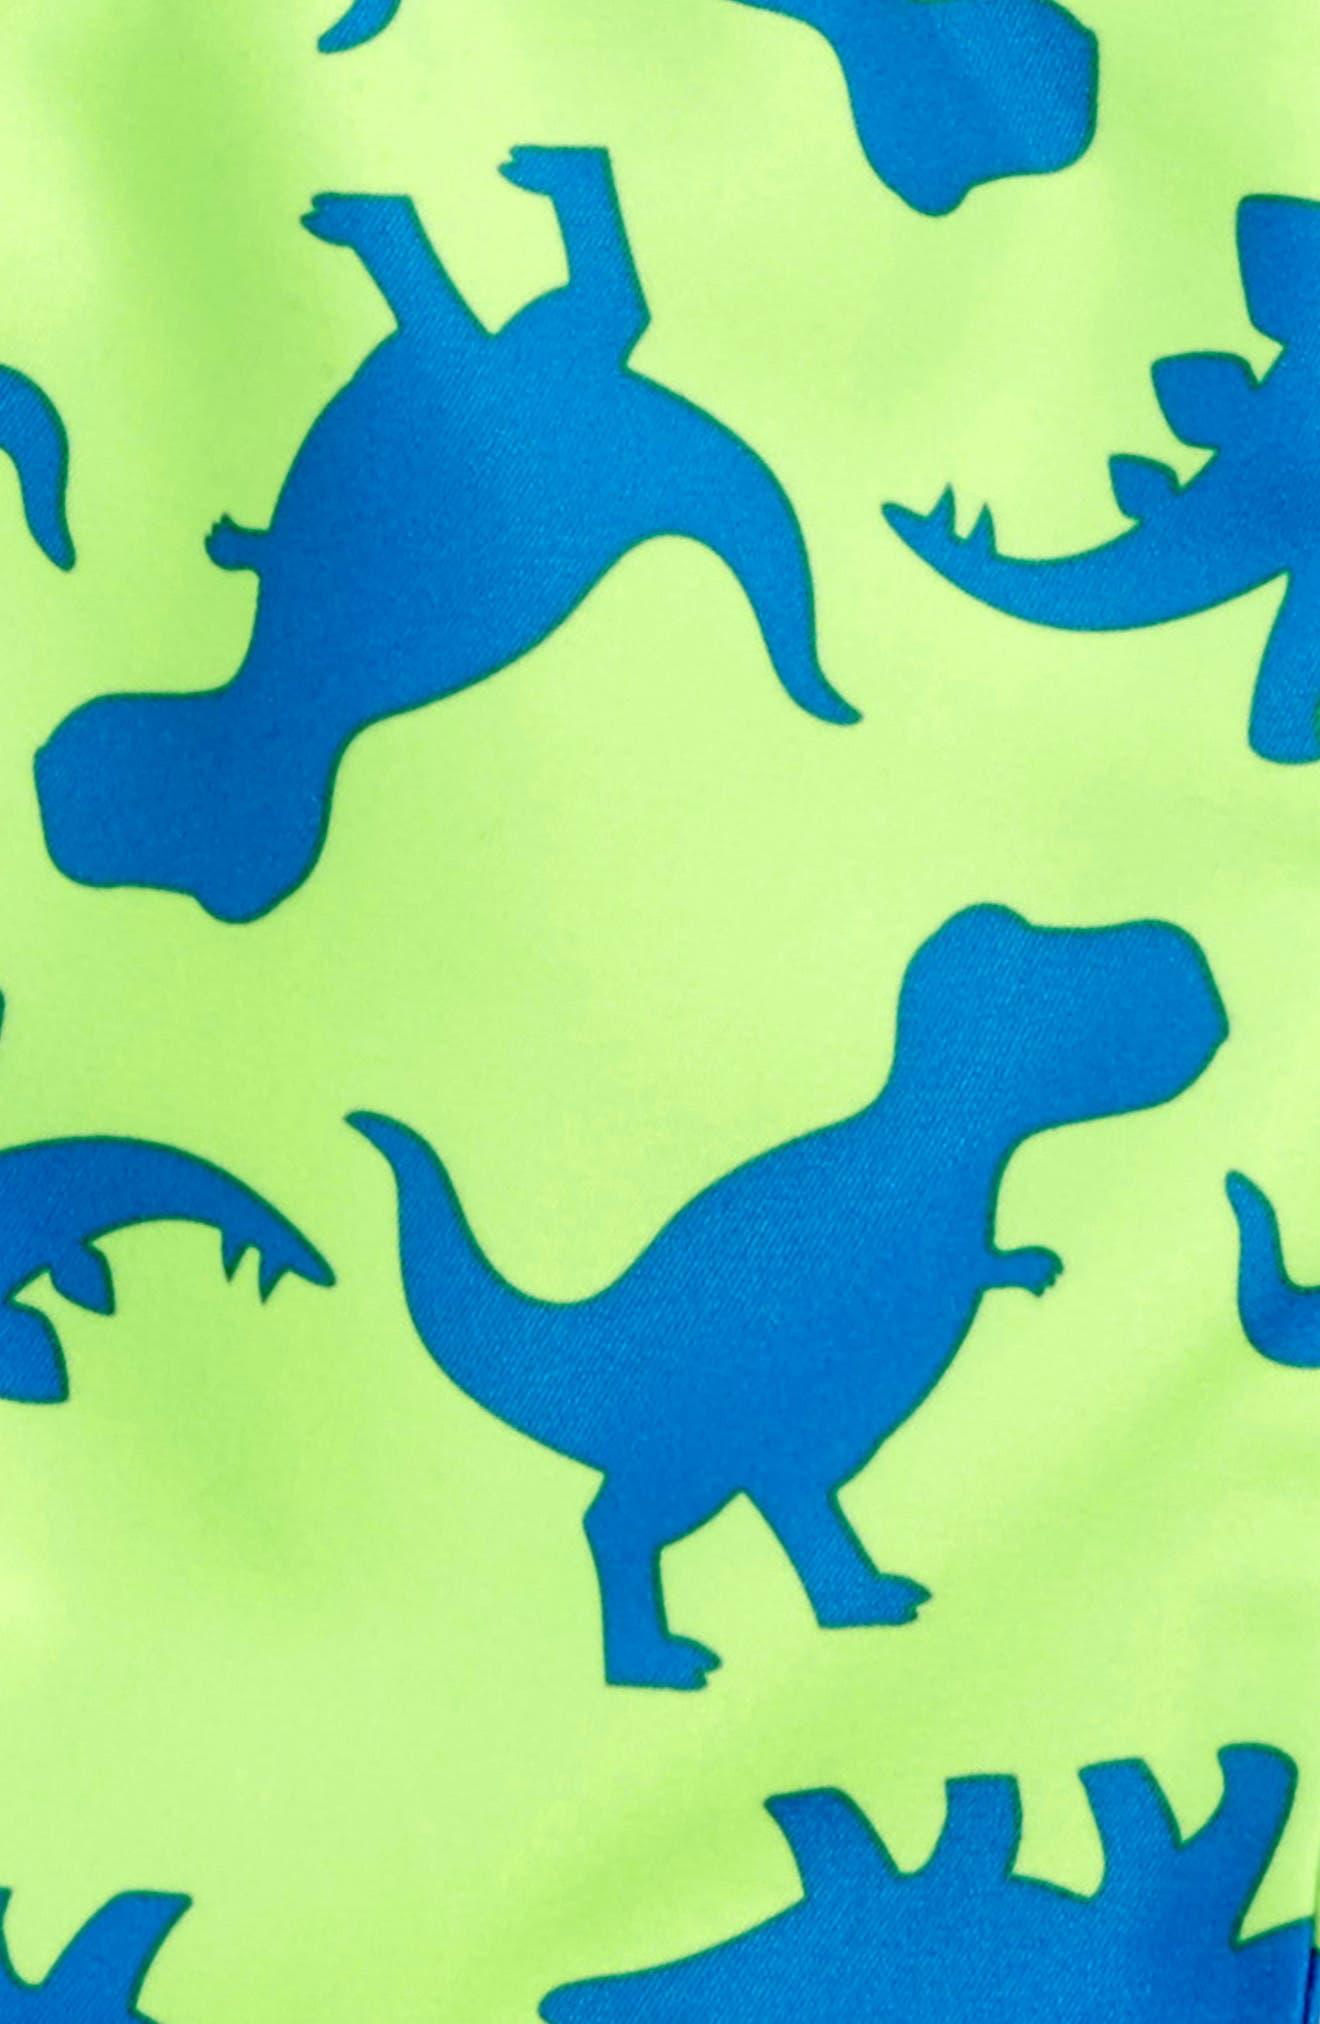 Dino UPF 50+ Swim Trunks,                             Alternate thumbnail 2, color,                             Green Multi